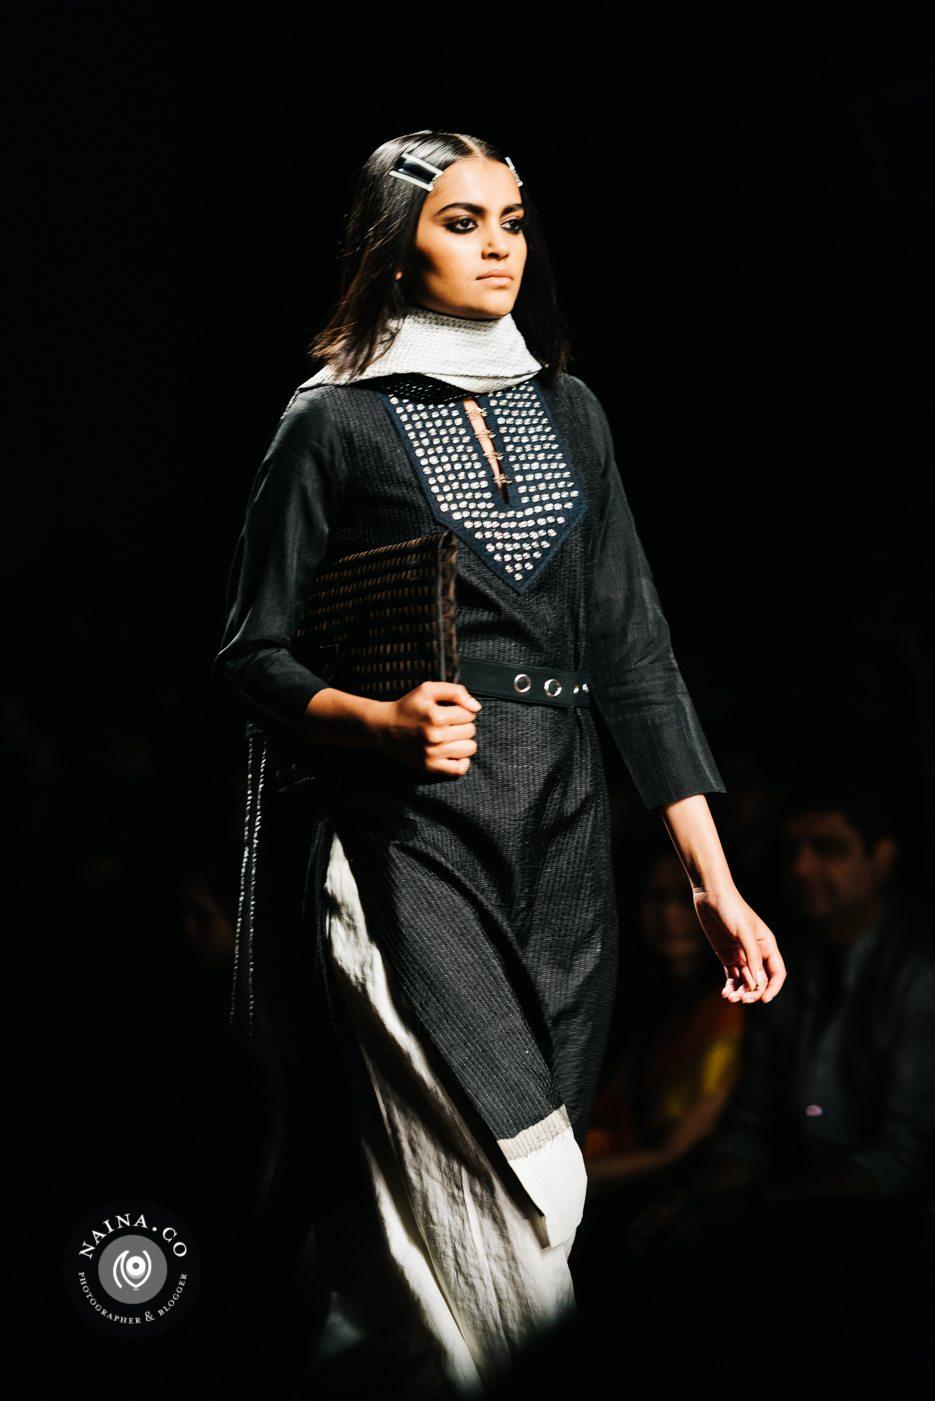 Naina.co-Raconteuse-Visuelle-Photographer-Blogger-Storyteller-Luxury-Lifestyle-AIFWAW15-Abraham-Thakore